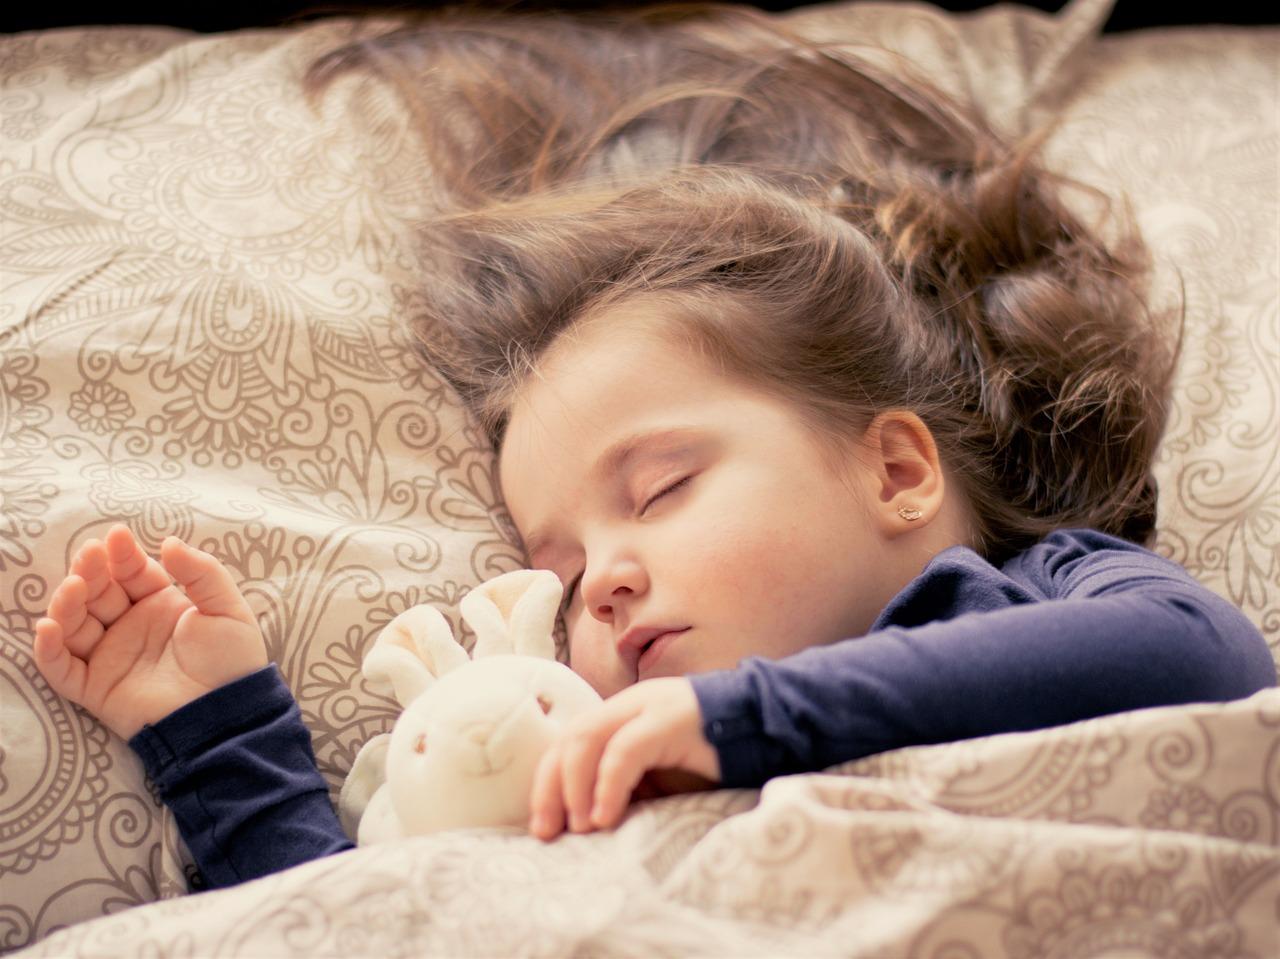 Schlafbedarf Kleinkind: Wie lange sollte mein Kind schlafen?